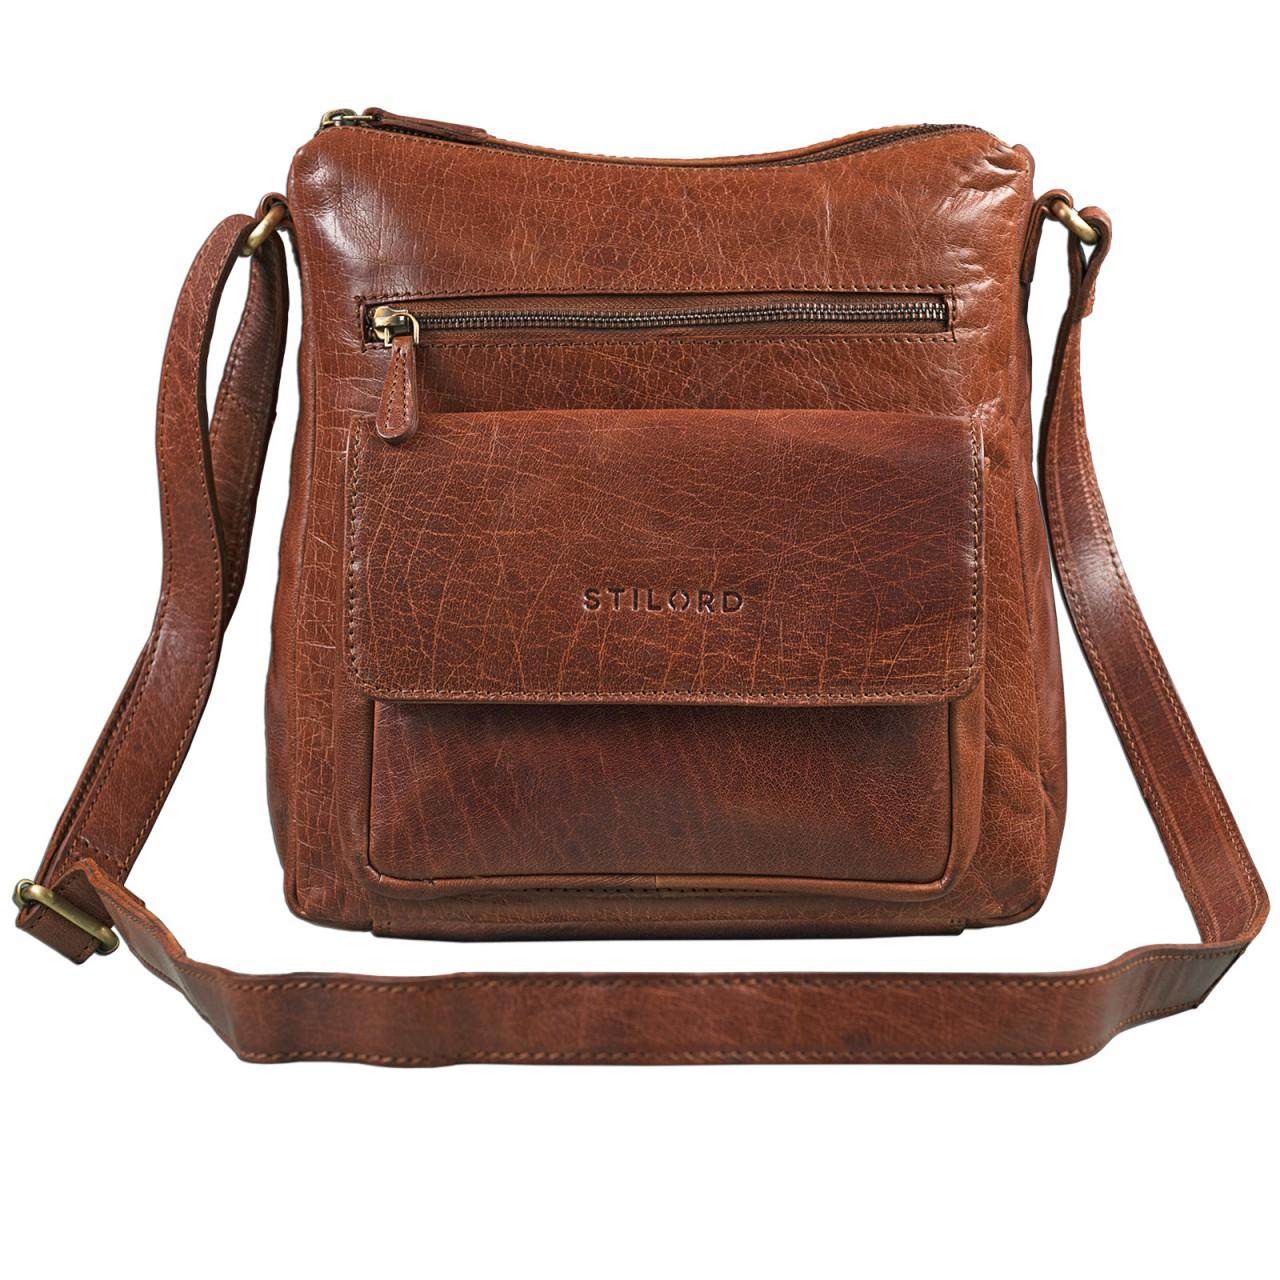 STILORD Vintage Umhängetasche für Damen Schultertasche Handtasche Ausgehen Freizeit Abendtasche Büffel Leder glänzend braun - Bild 2